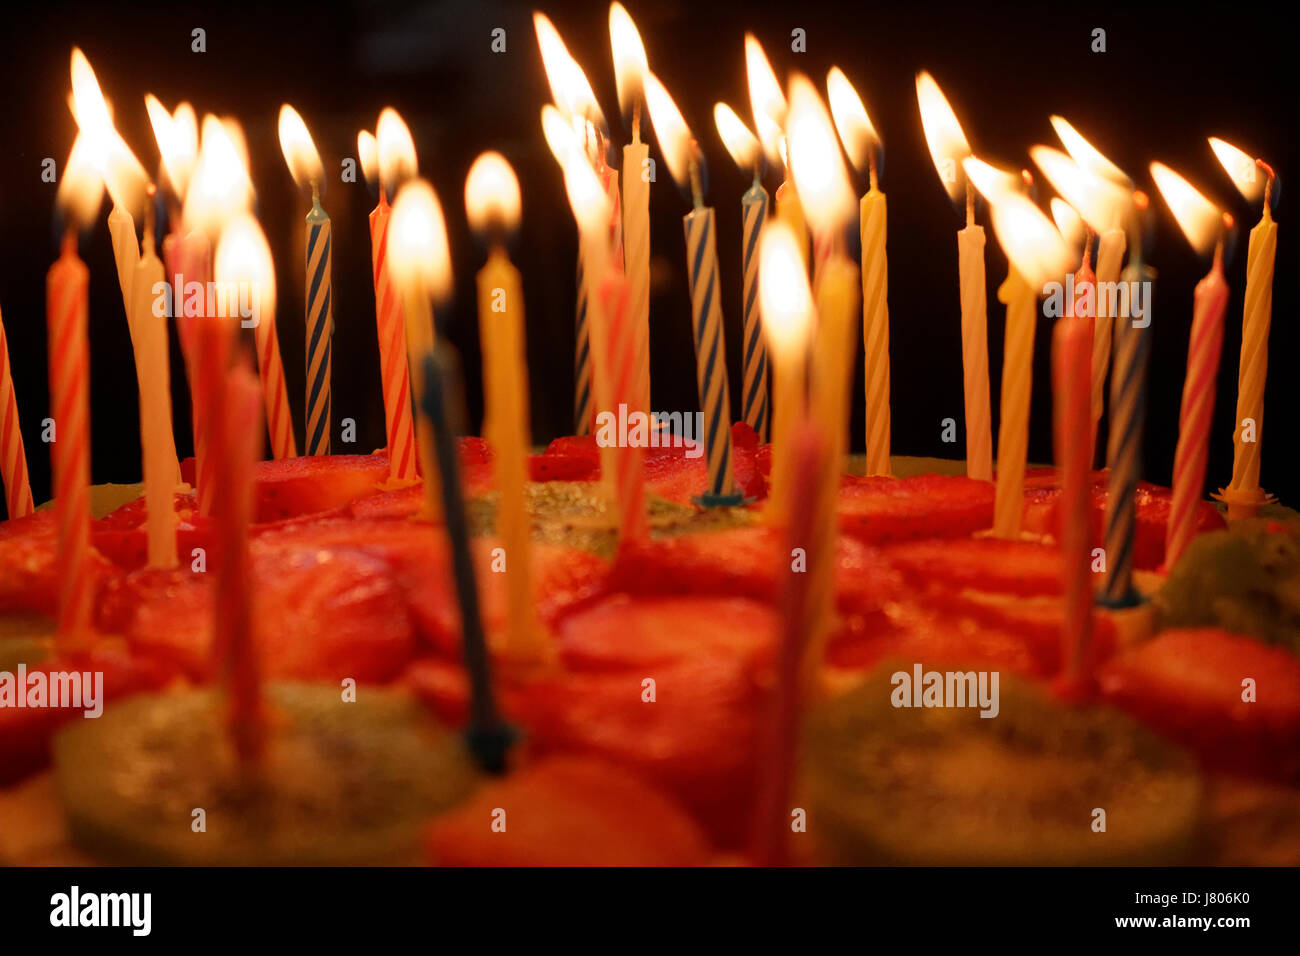 Geburtstagstorte Mit Brennenden Kerzen Auf Einem Dunklen Hintergrund Stockbild